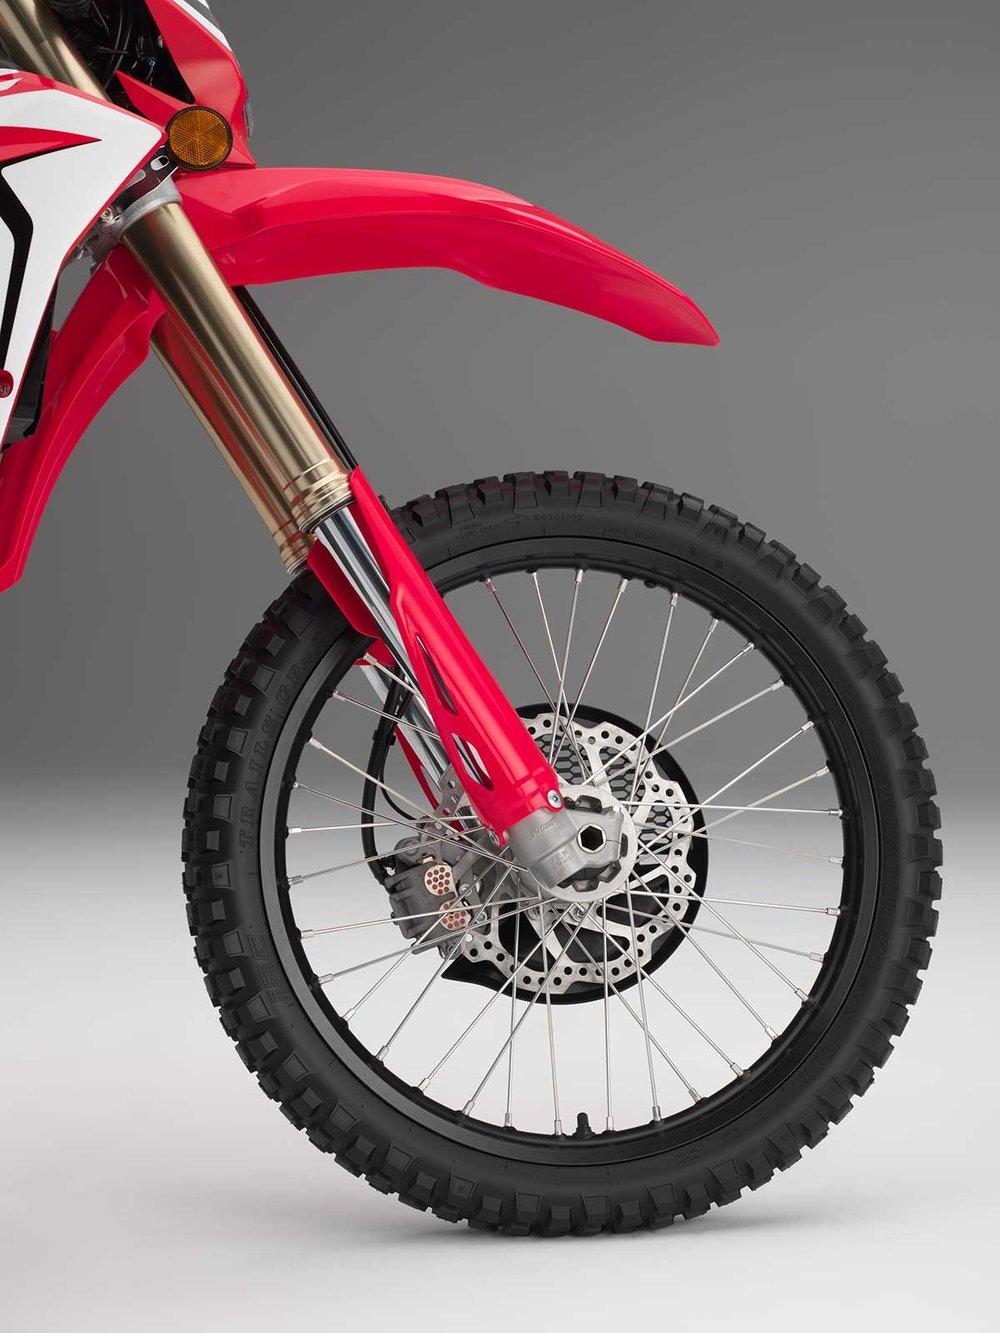 19-Honda-CRF450L_front-wheel.jpg